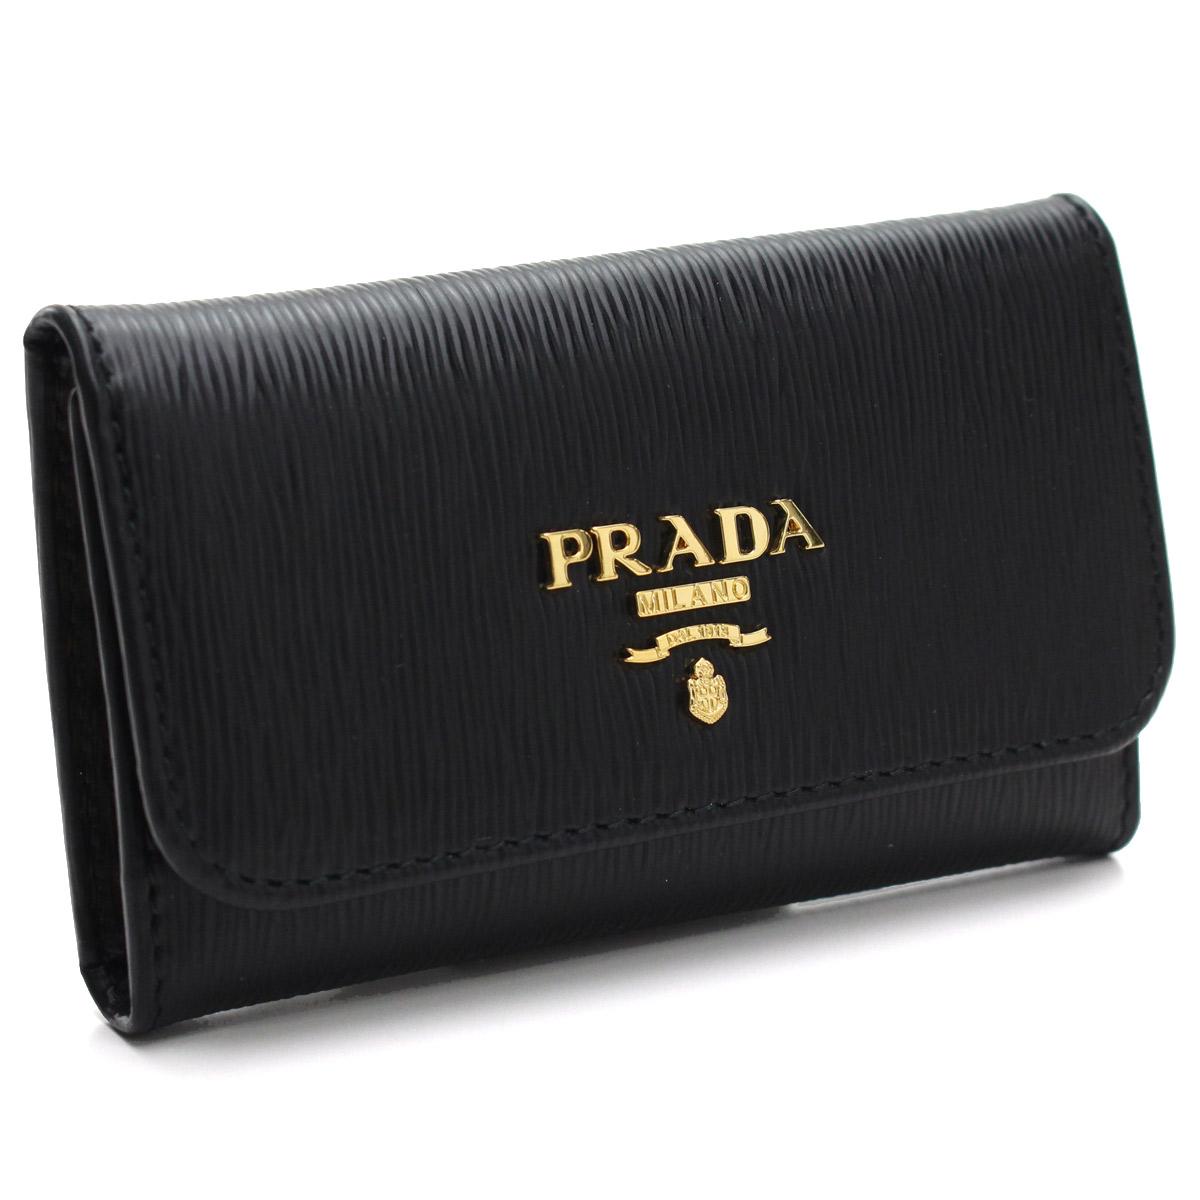 プラダ アウトレット PRADA(OUTLET) 6連キーケース 1PG222-O 2B6P F0002 NERO ブラック 【レディース】